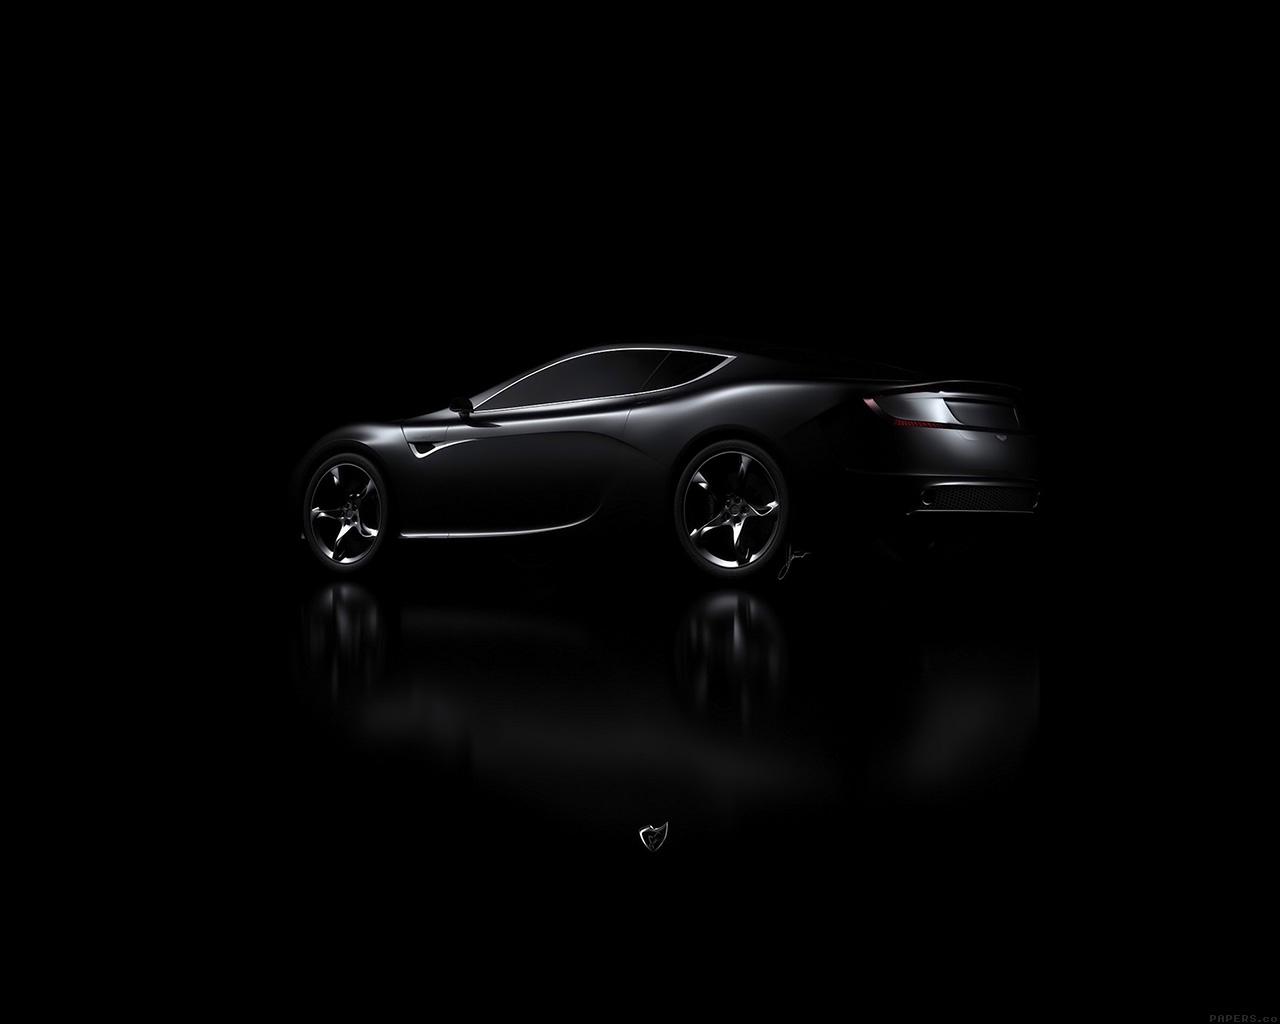 I Love Papers Aj06 Aston Martin Black Car Dark